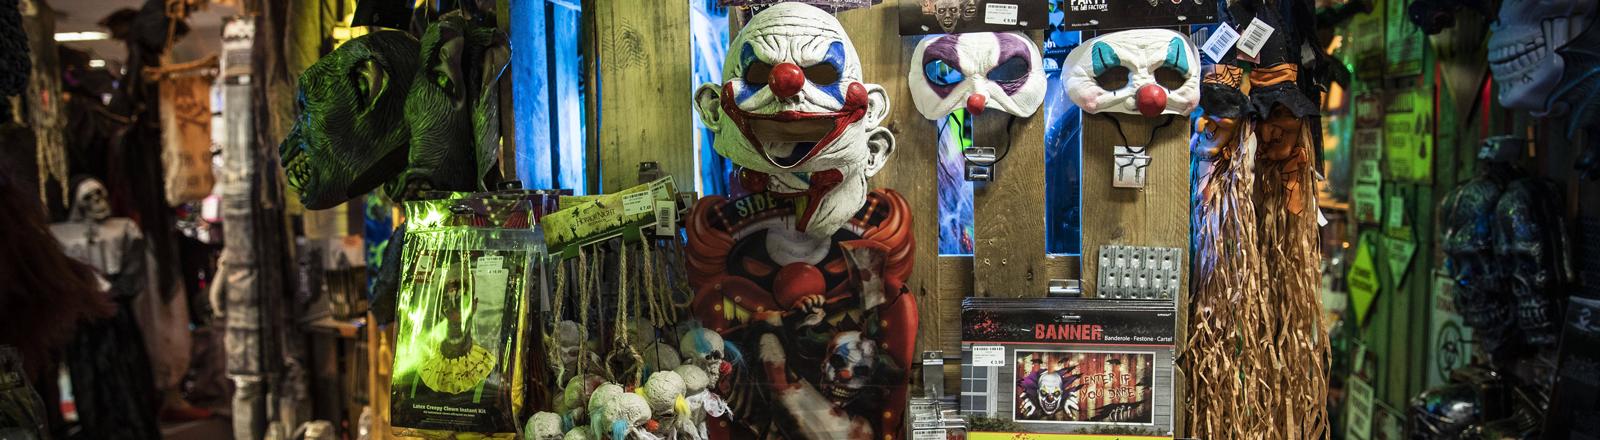 Halloween-Masken und anderes Zubehör in einem Geschäft.